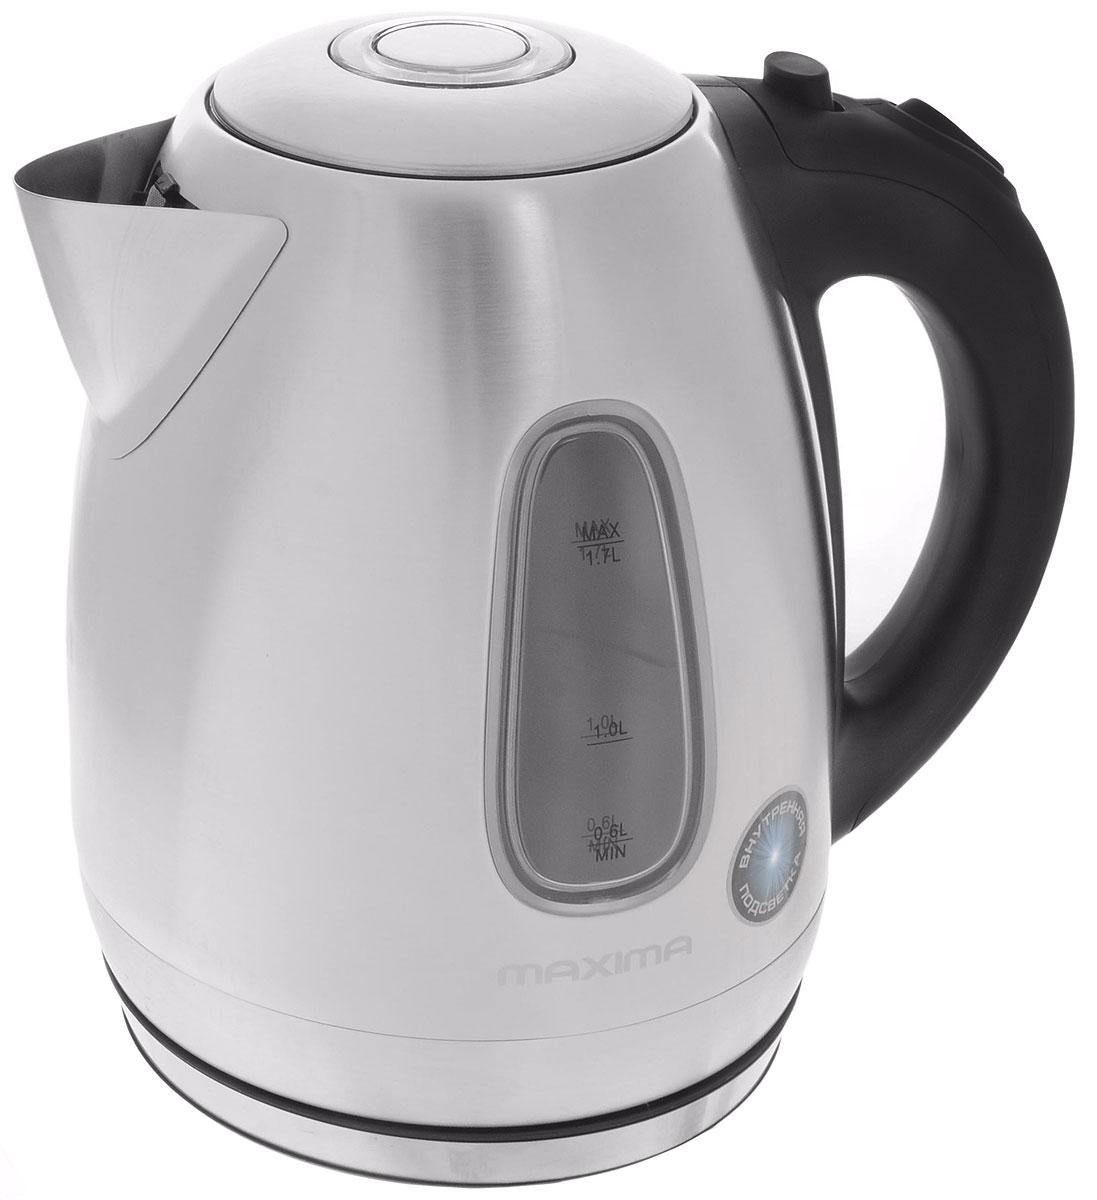 Maxima MK-M401 электрический чайникMK-M401Стильный чайник Maxima MK-M401 из высококачественных материалов позволит быстро вскипятить нужное количество воды. Широко открывающаяся крышка, мелкопористый фильтр от накипи и дисковый нагревательный элемент - всё создано для комфортной эксплуатации чайника.